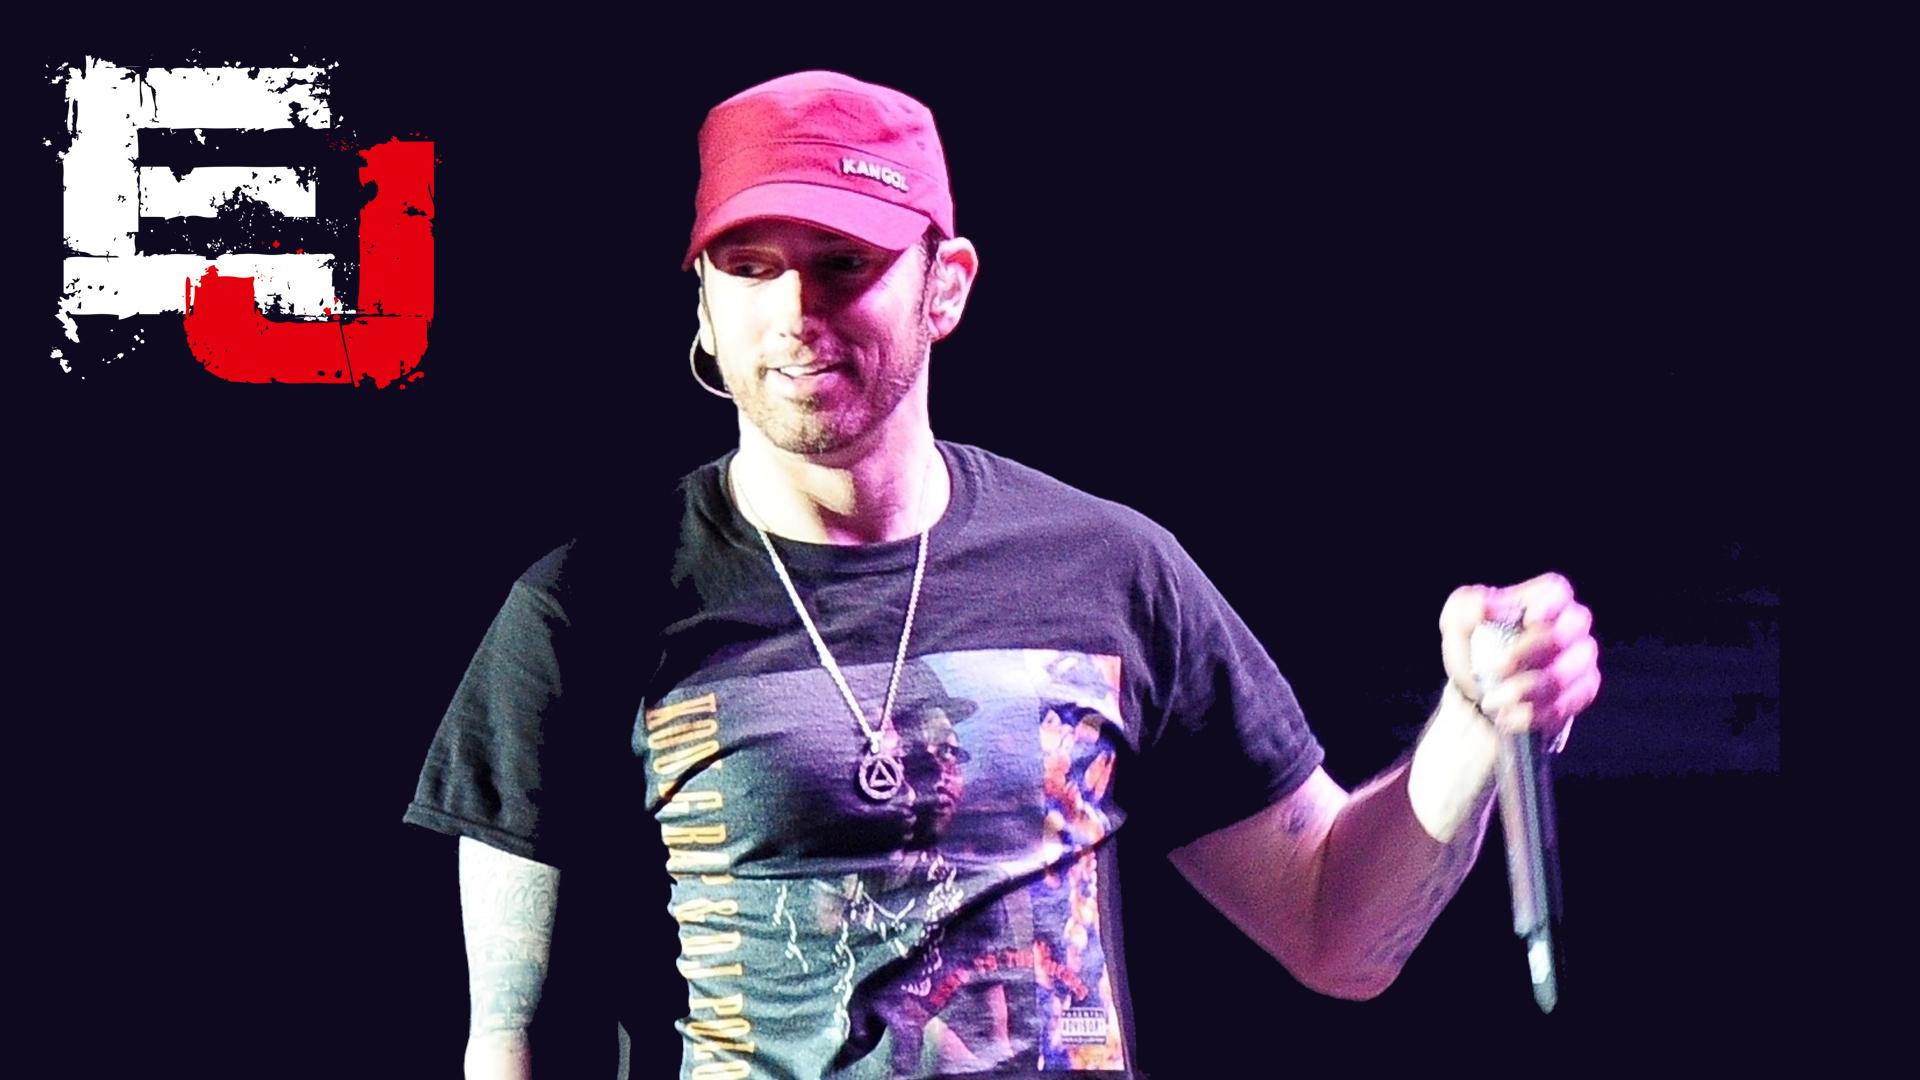 Советы от «Eminem.Pro» для тех, кто хочет посетить концерт Эминема. Готовьтесь к Revival Tour!